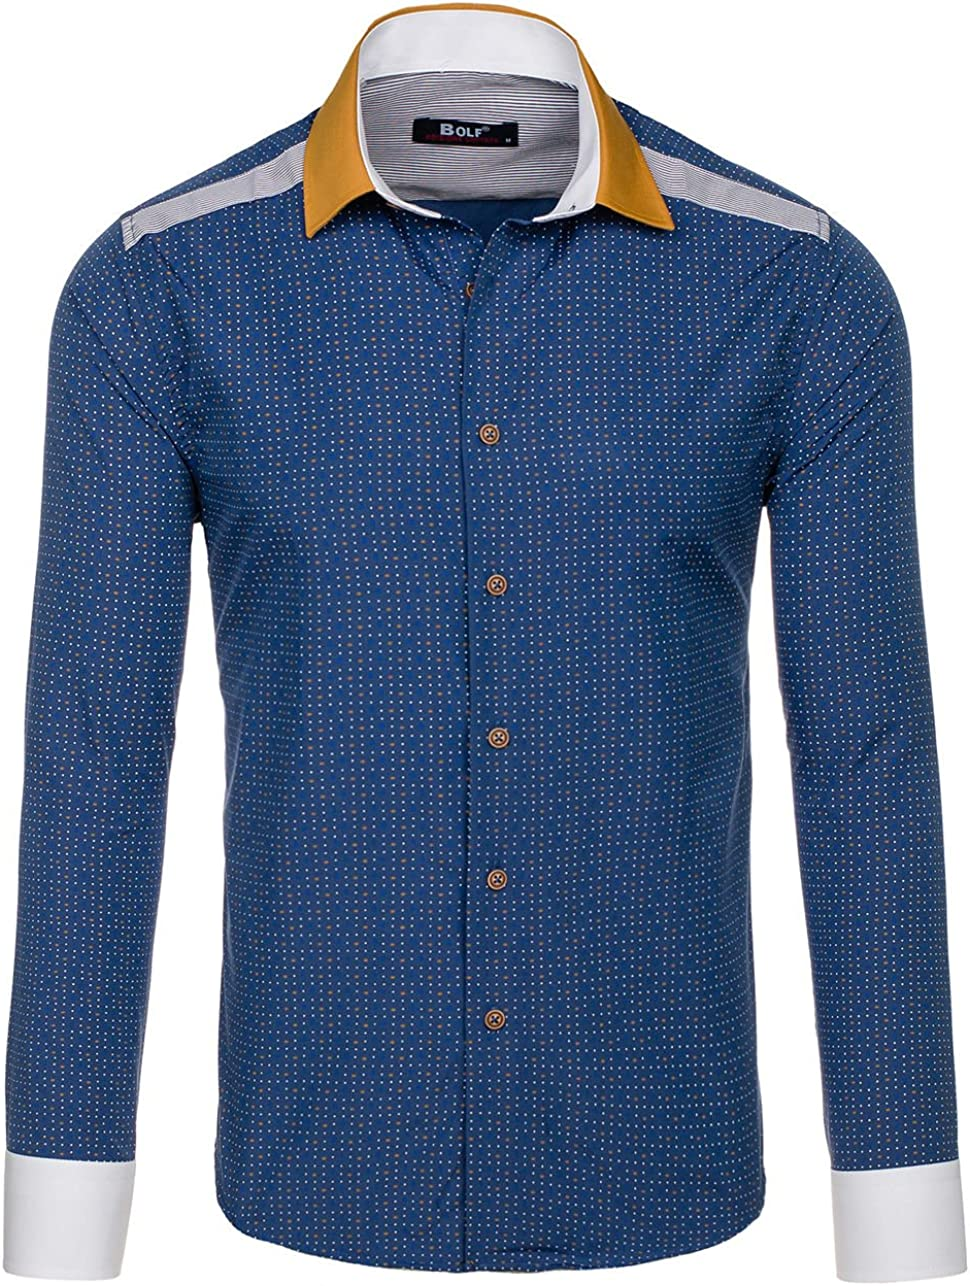 BOLF - Camisa Casual - con Botones - Manga Larga - para Hombre Dunkelblau_8805 M: Amazon.es: Ropa y accesorios